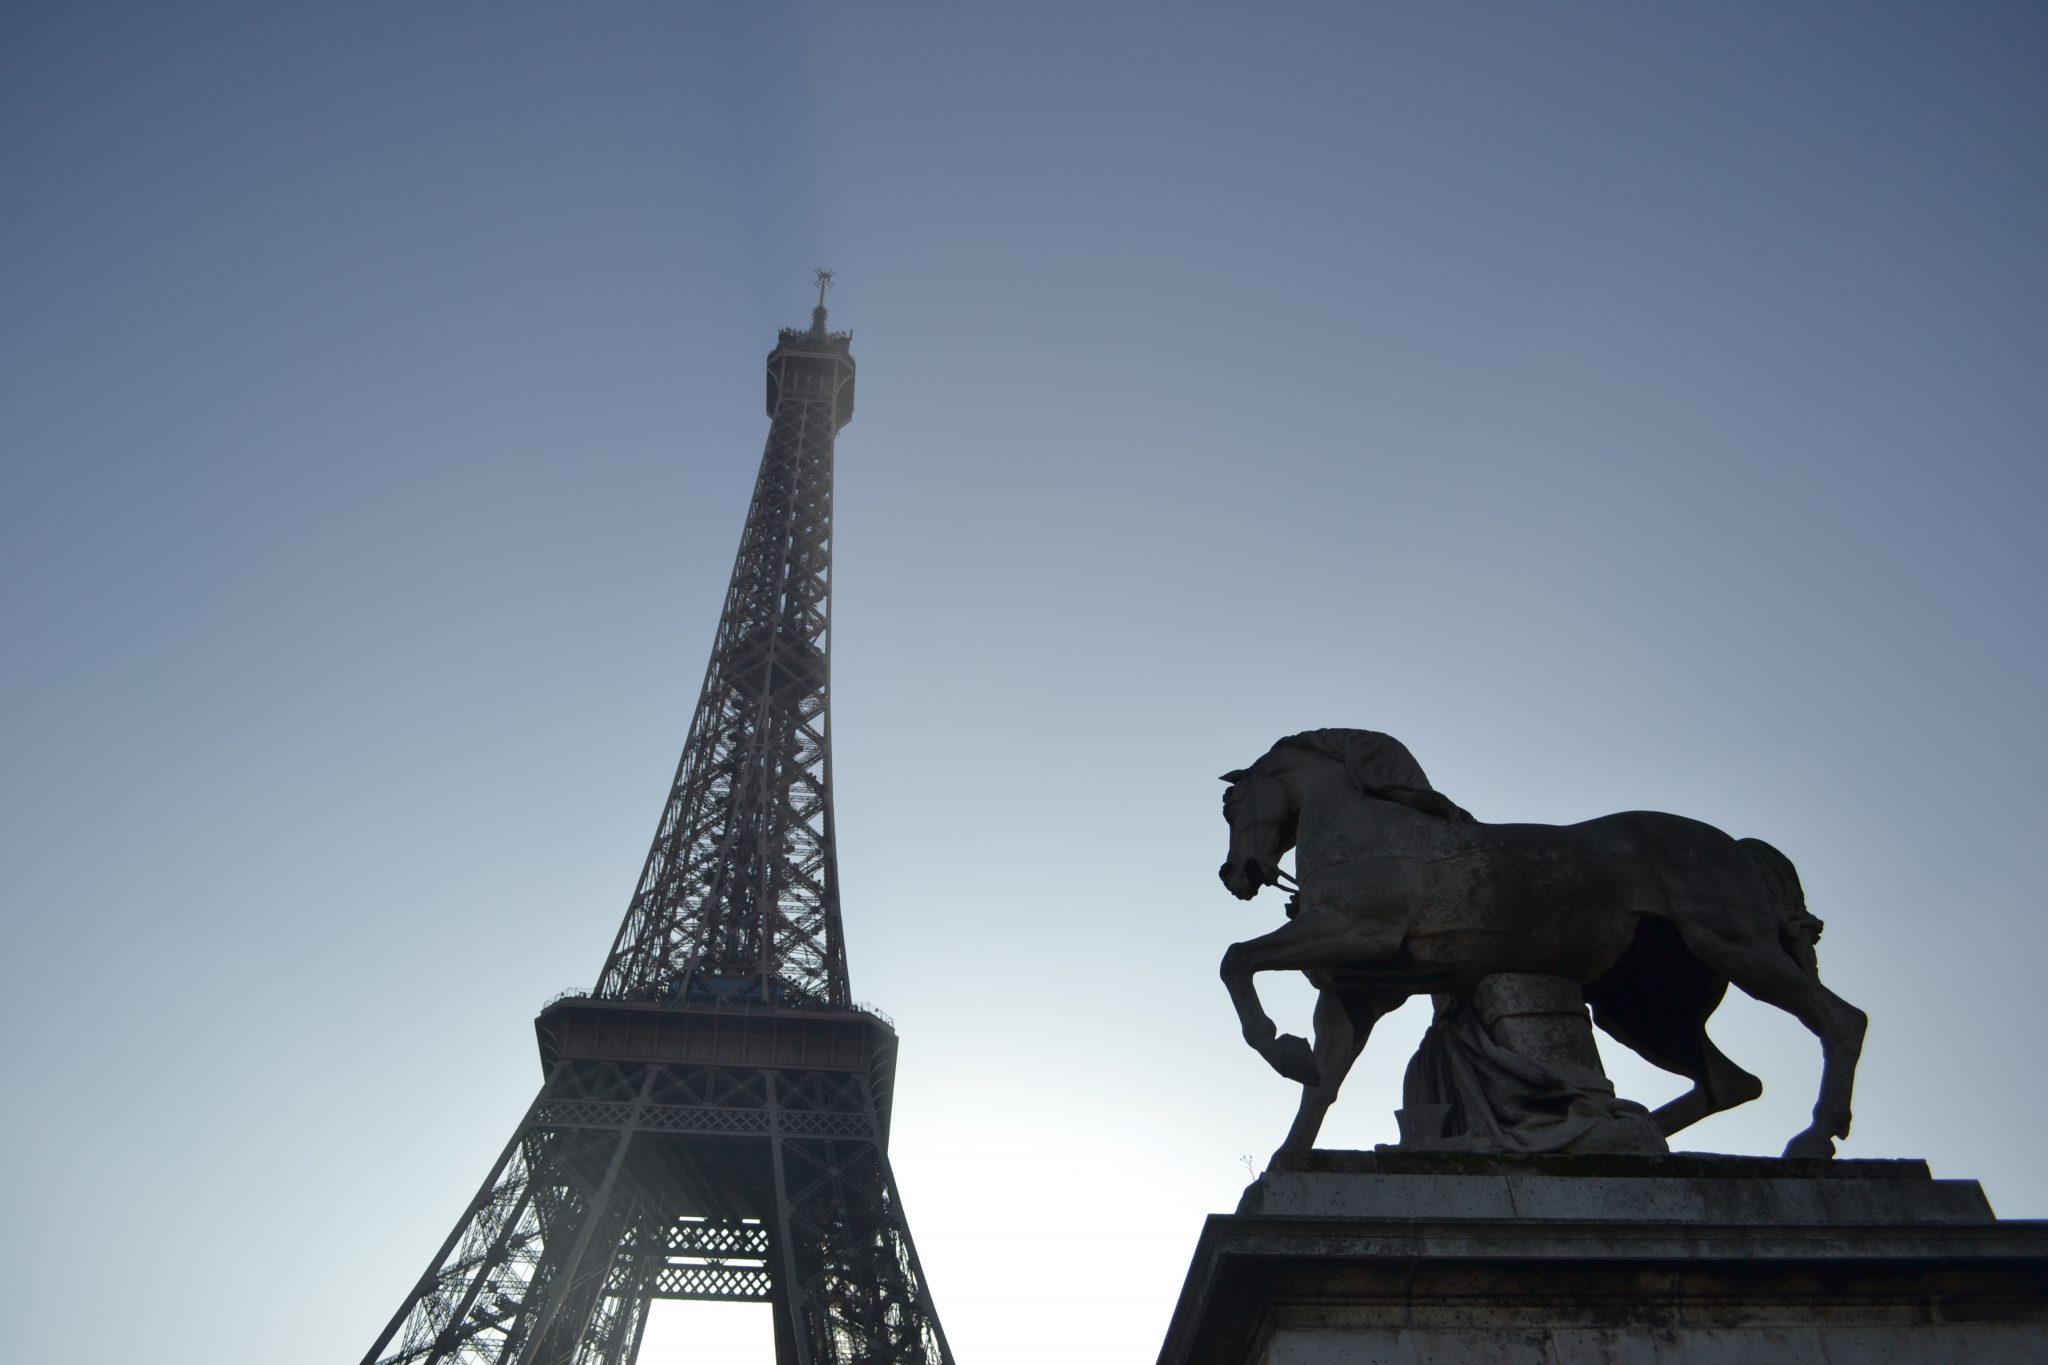 Darum war ich noch nie auf dem Eiffelturm